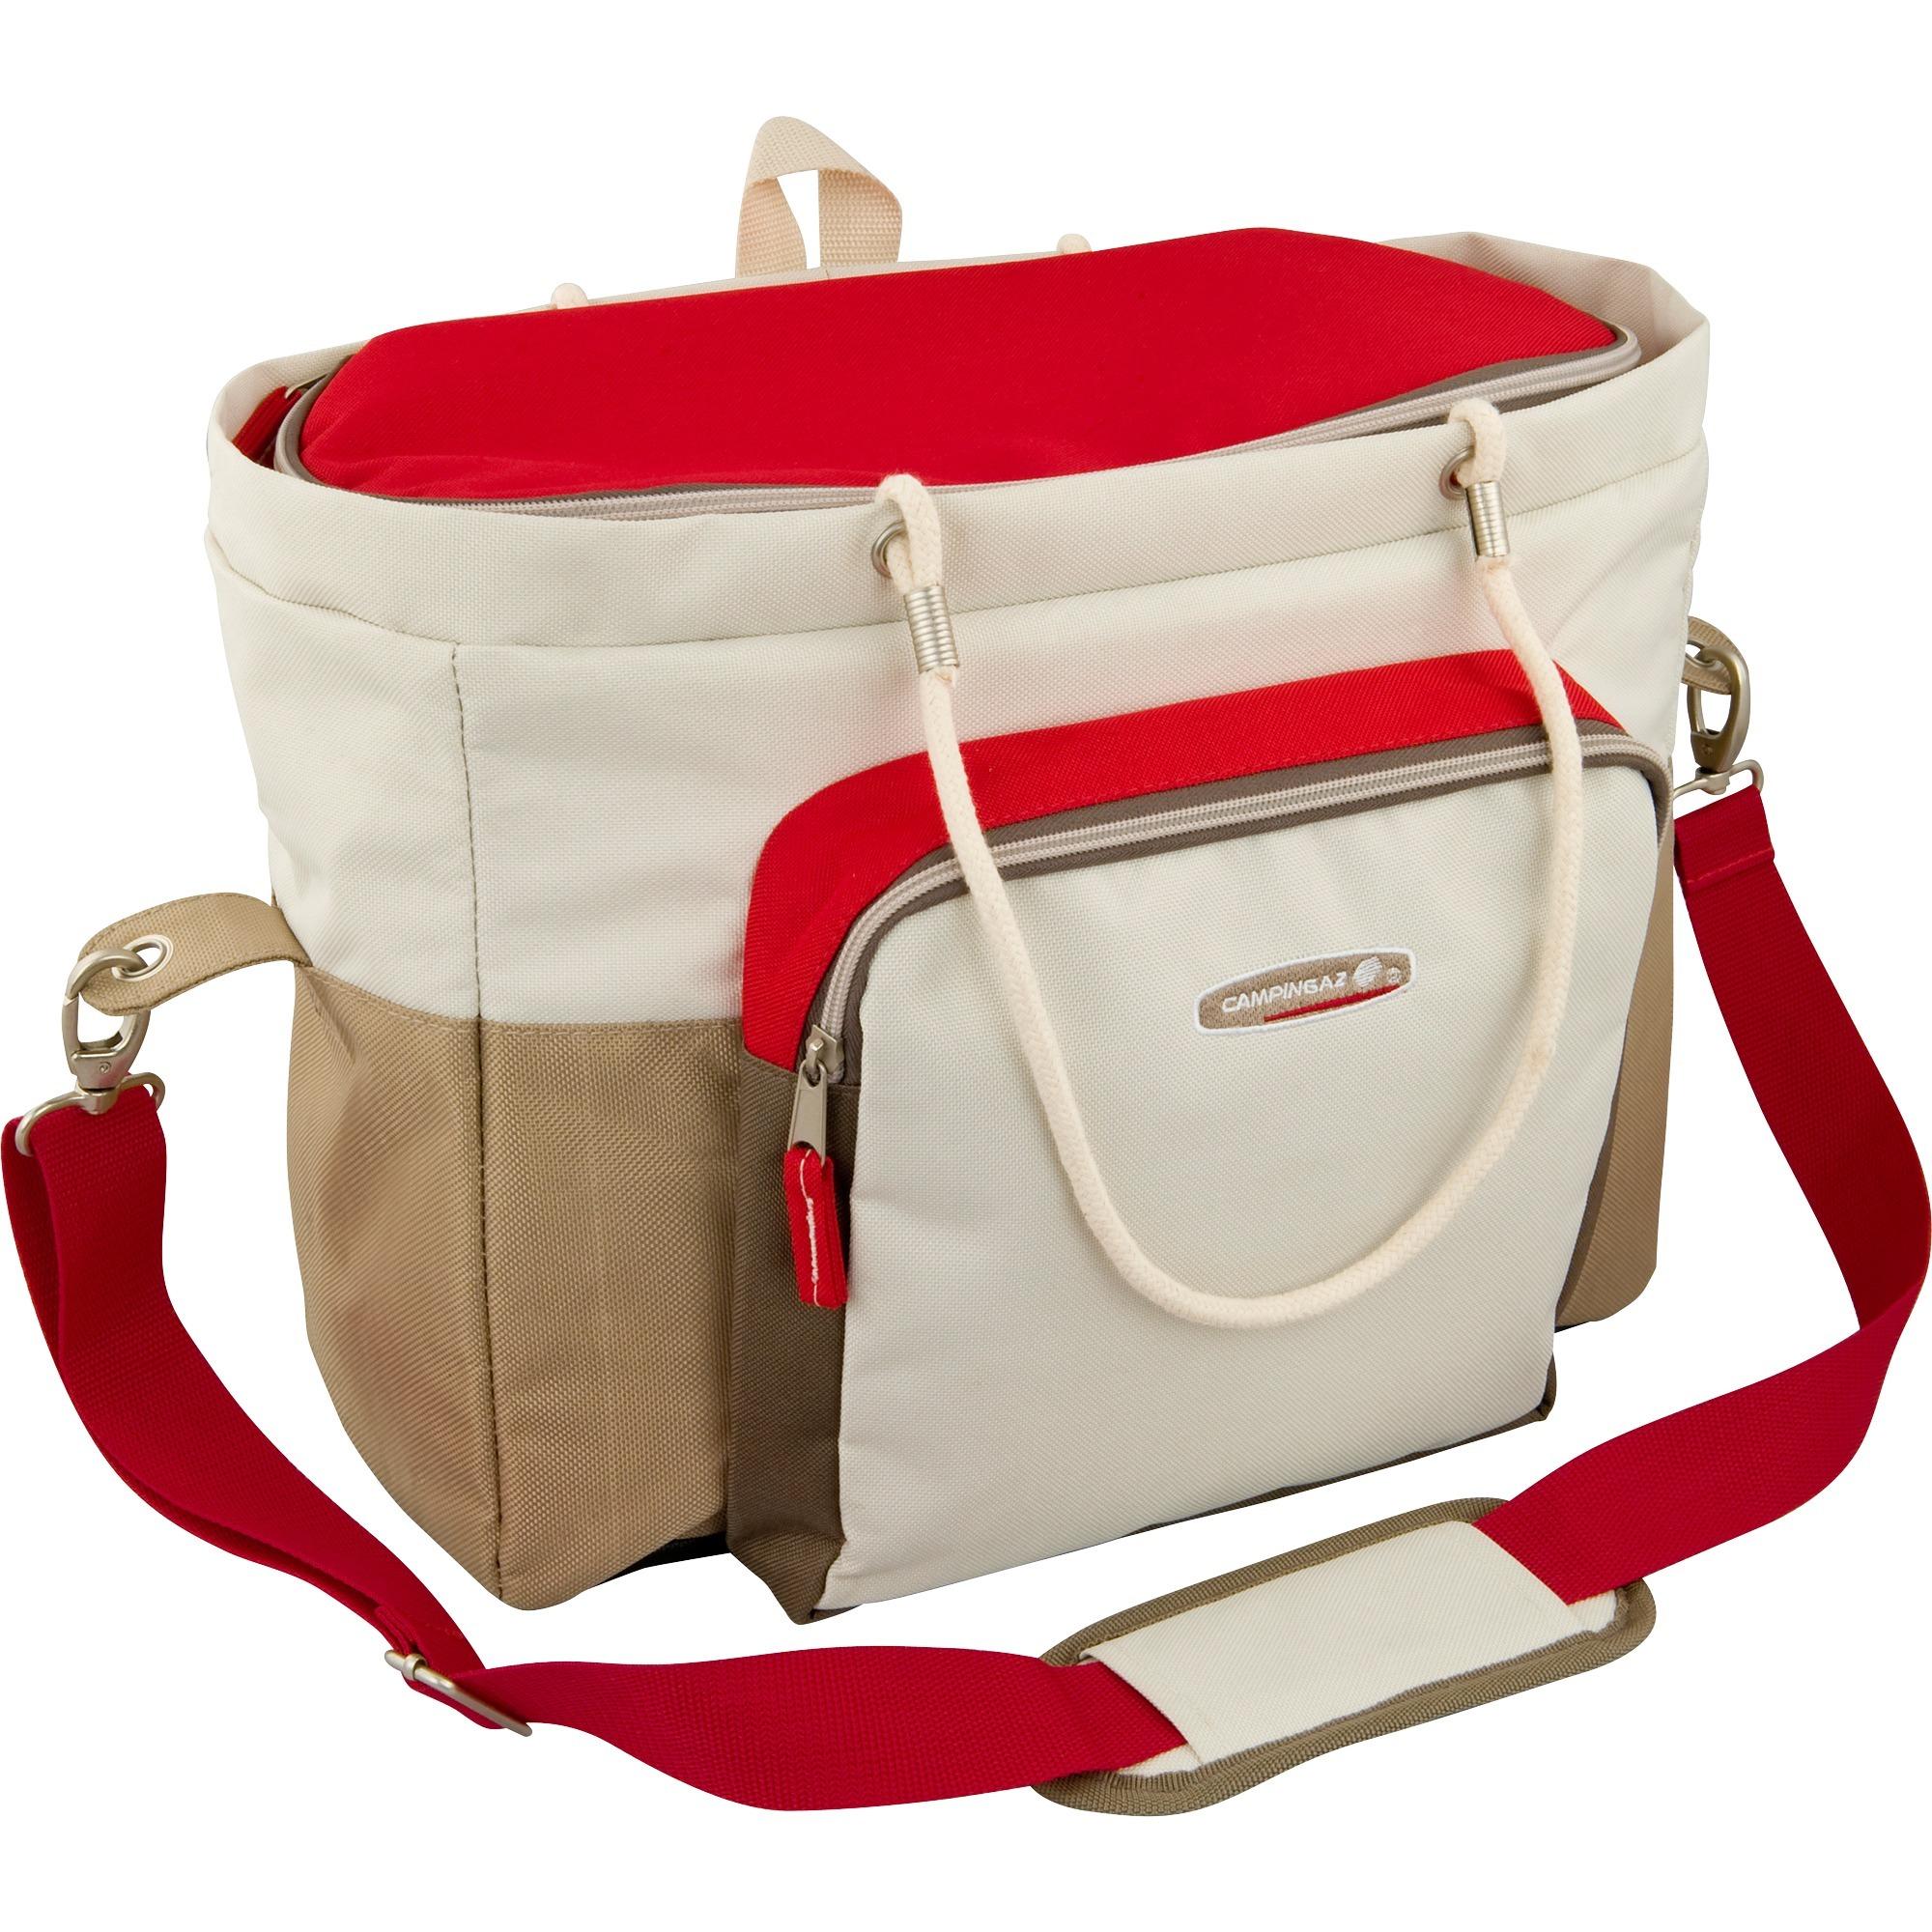 205537, Cooler bag